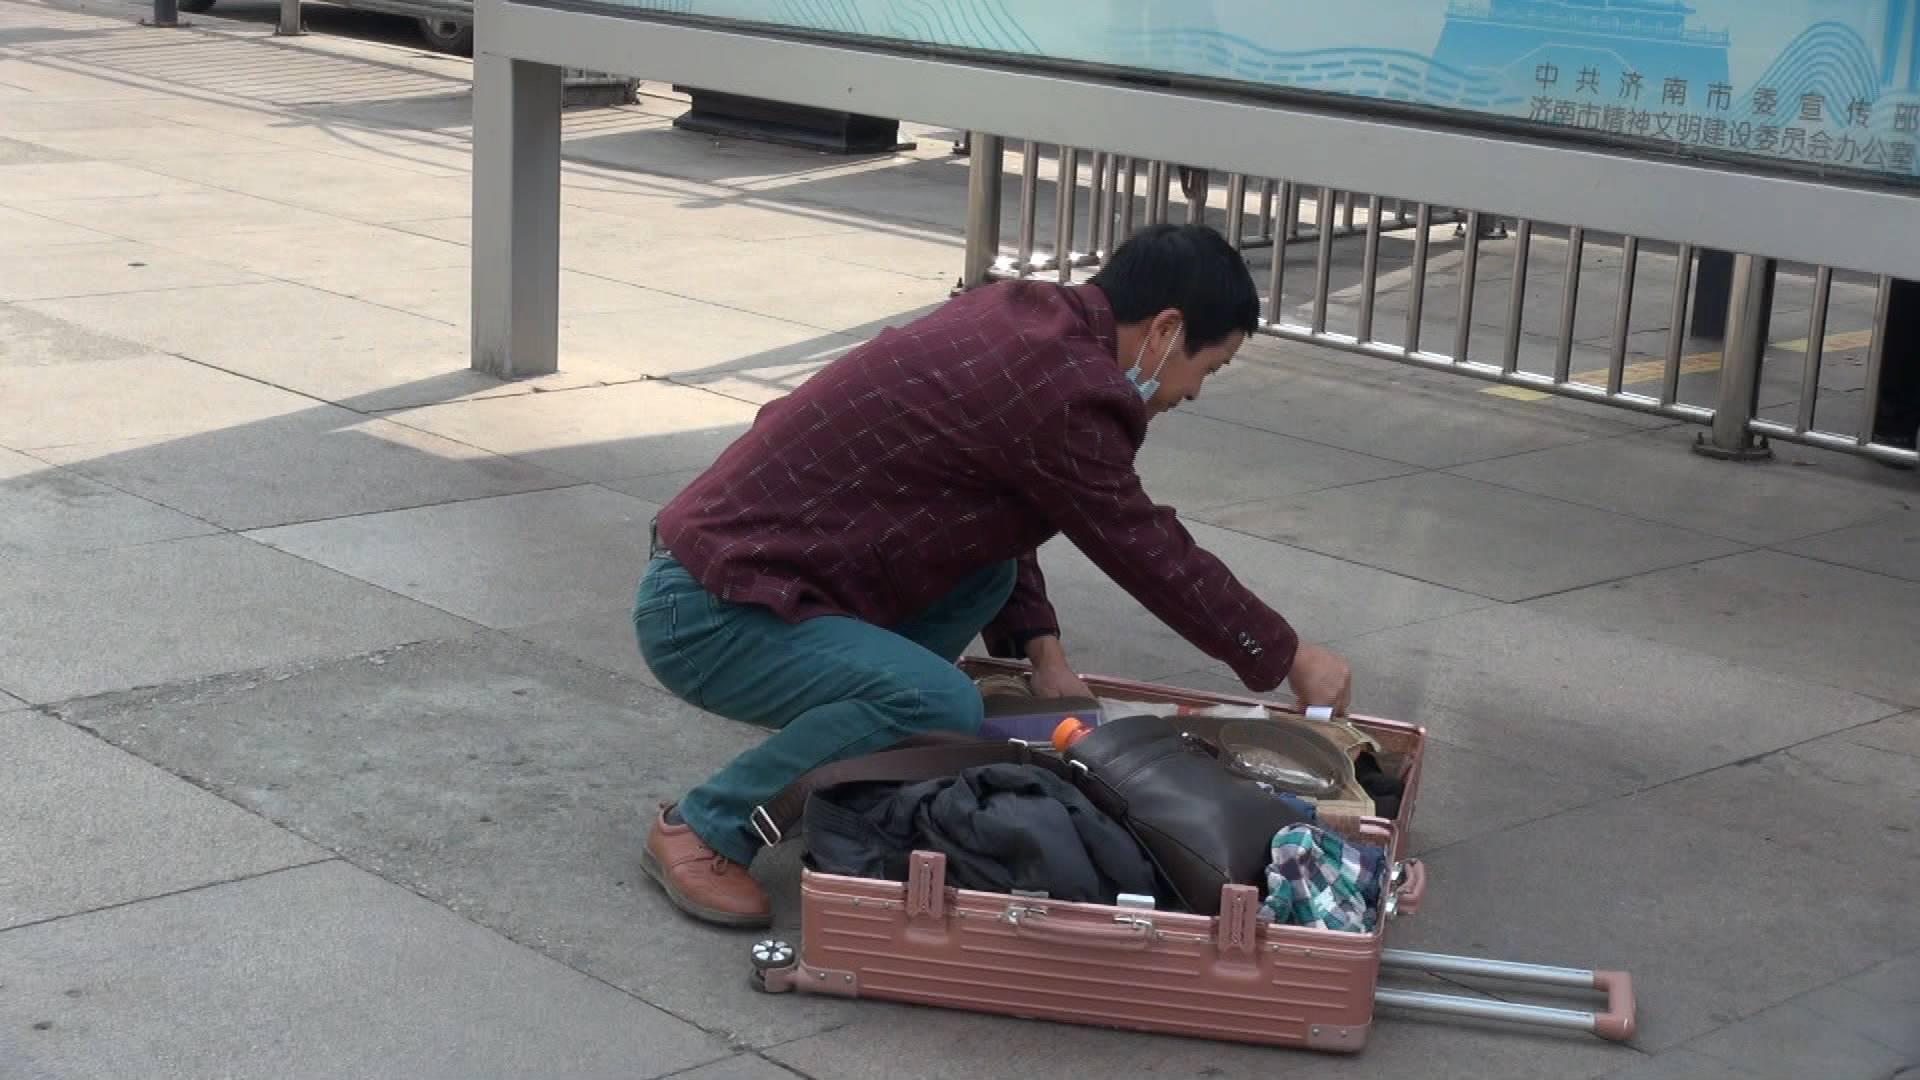 """最精致!剃胡须、换衣服......济南火车站这位旅客为何这么""""讲究""""?"""